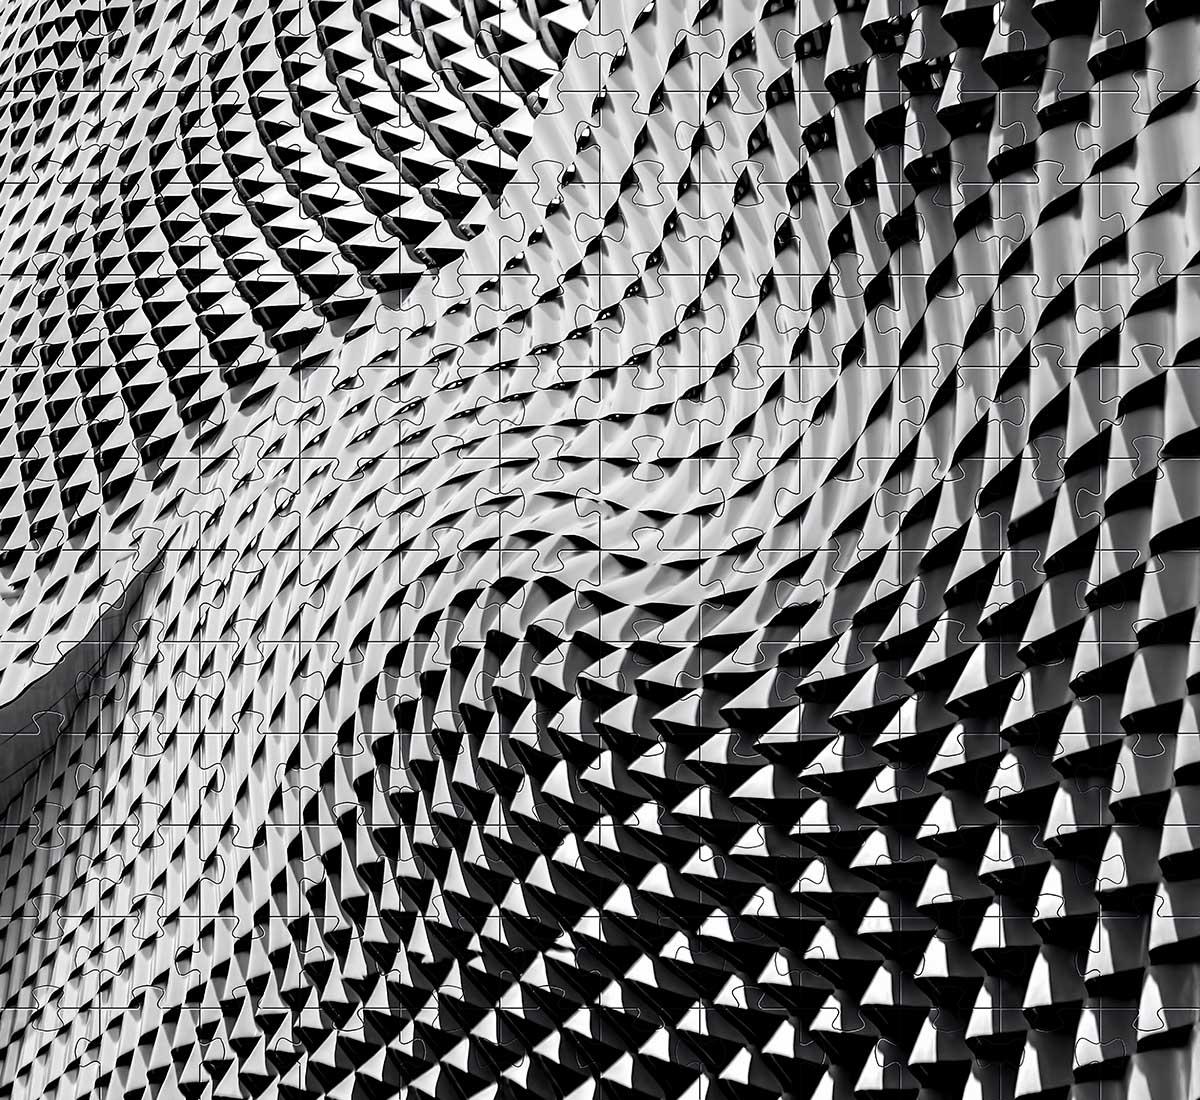 kit 4 Quebra-cabeça dificil para adultos linha Abstract Secret 165 peças